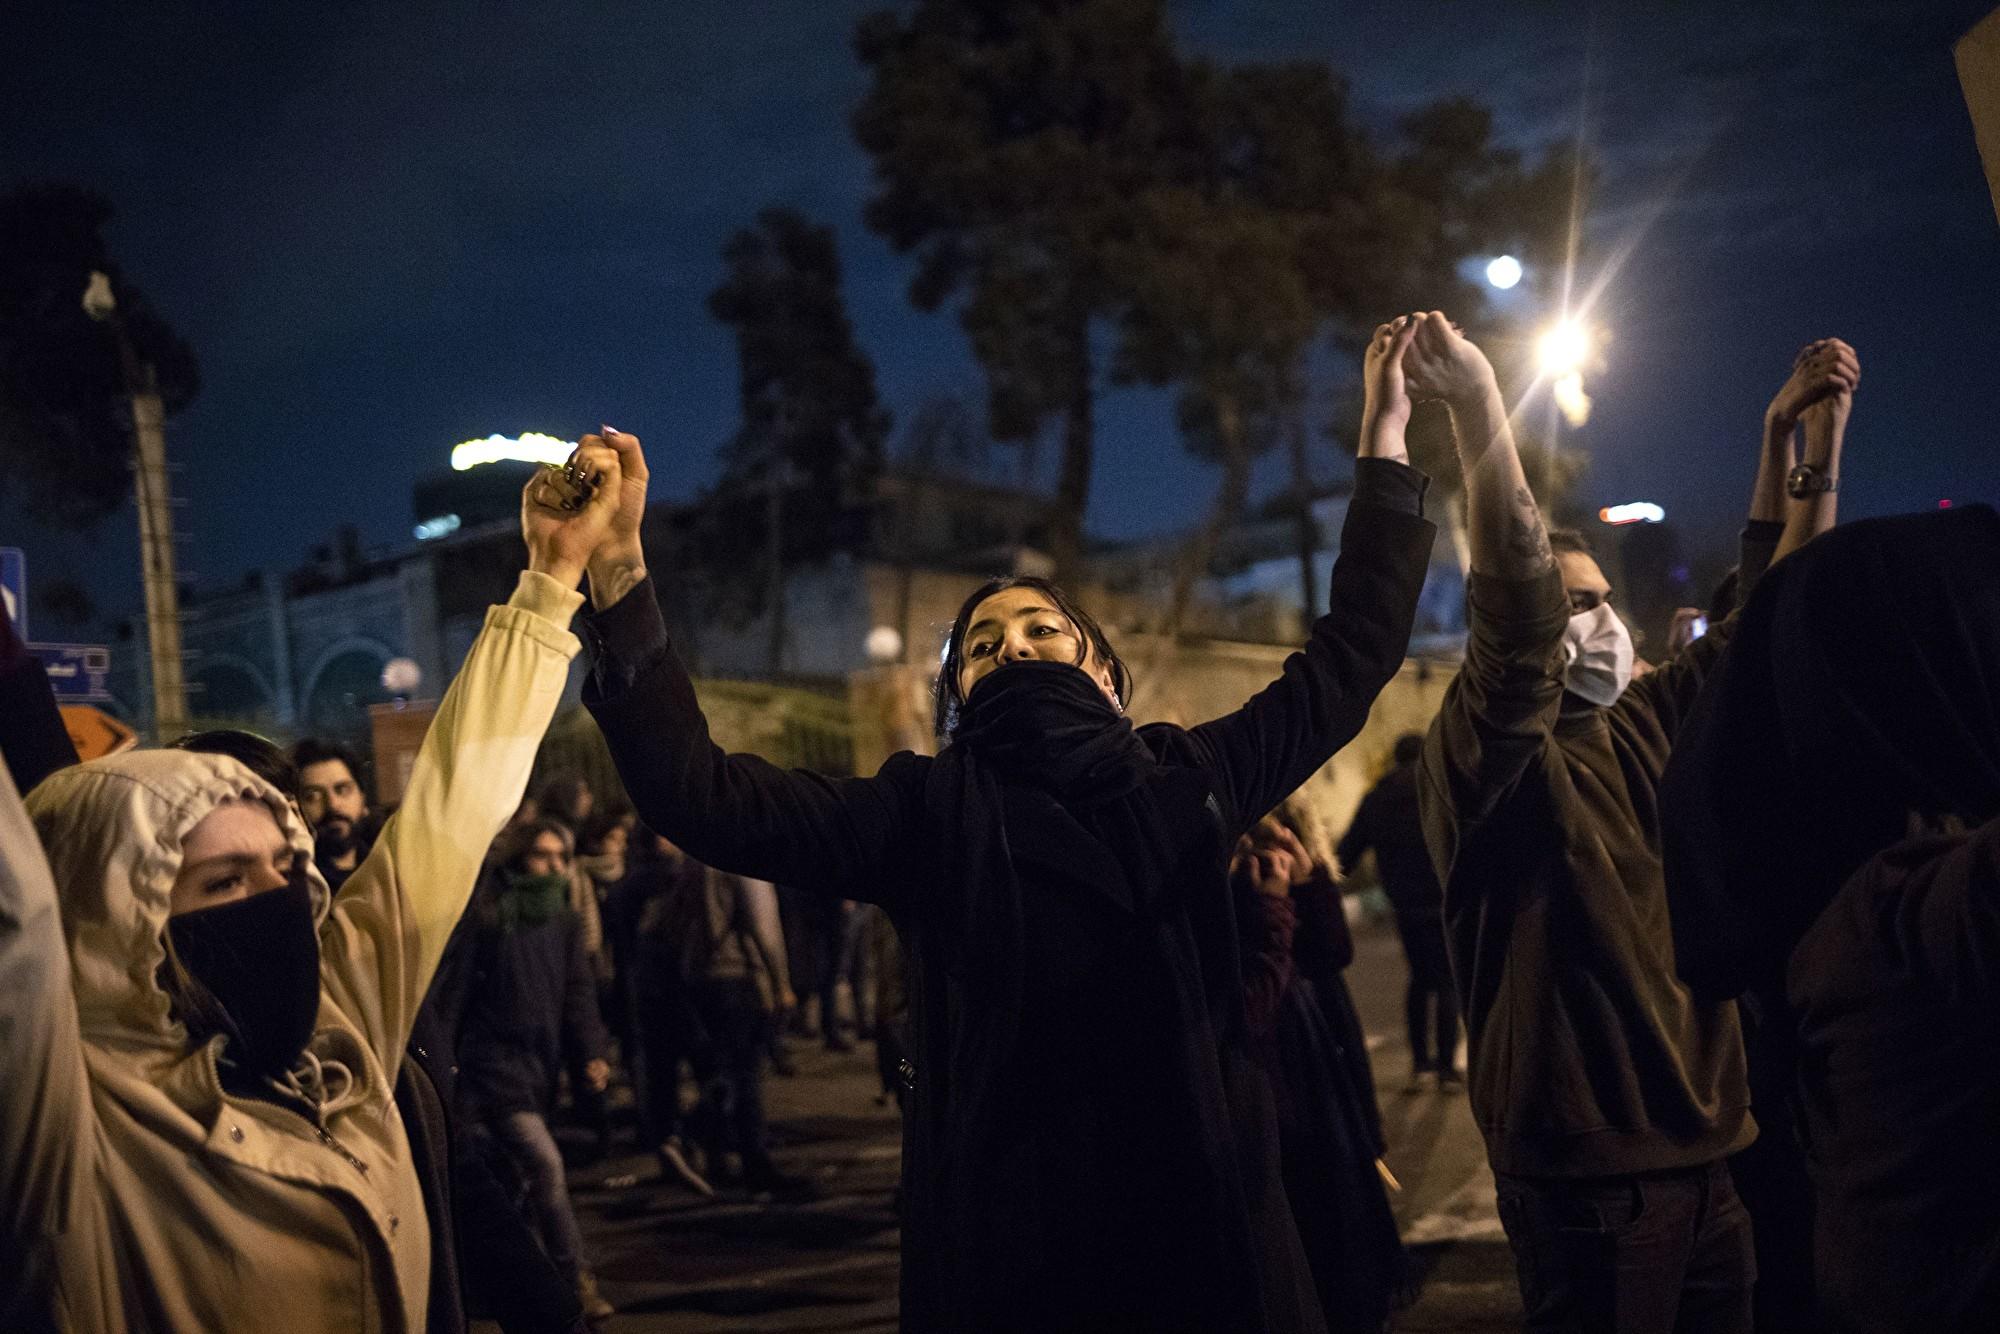 伊朗女子在天橋上大喊:讓哈梅內伊去死!